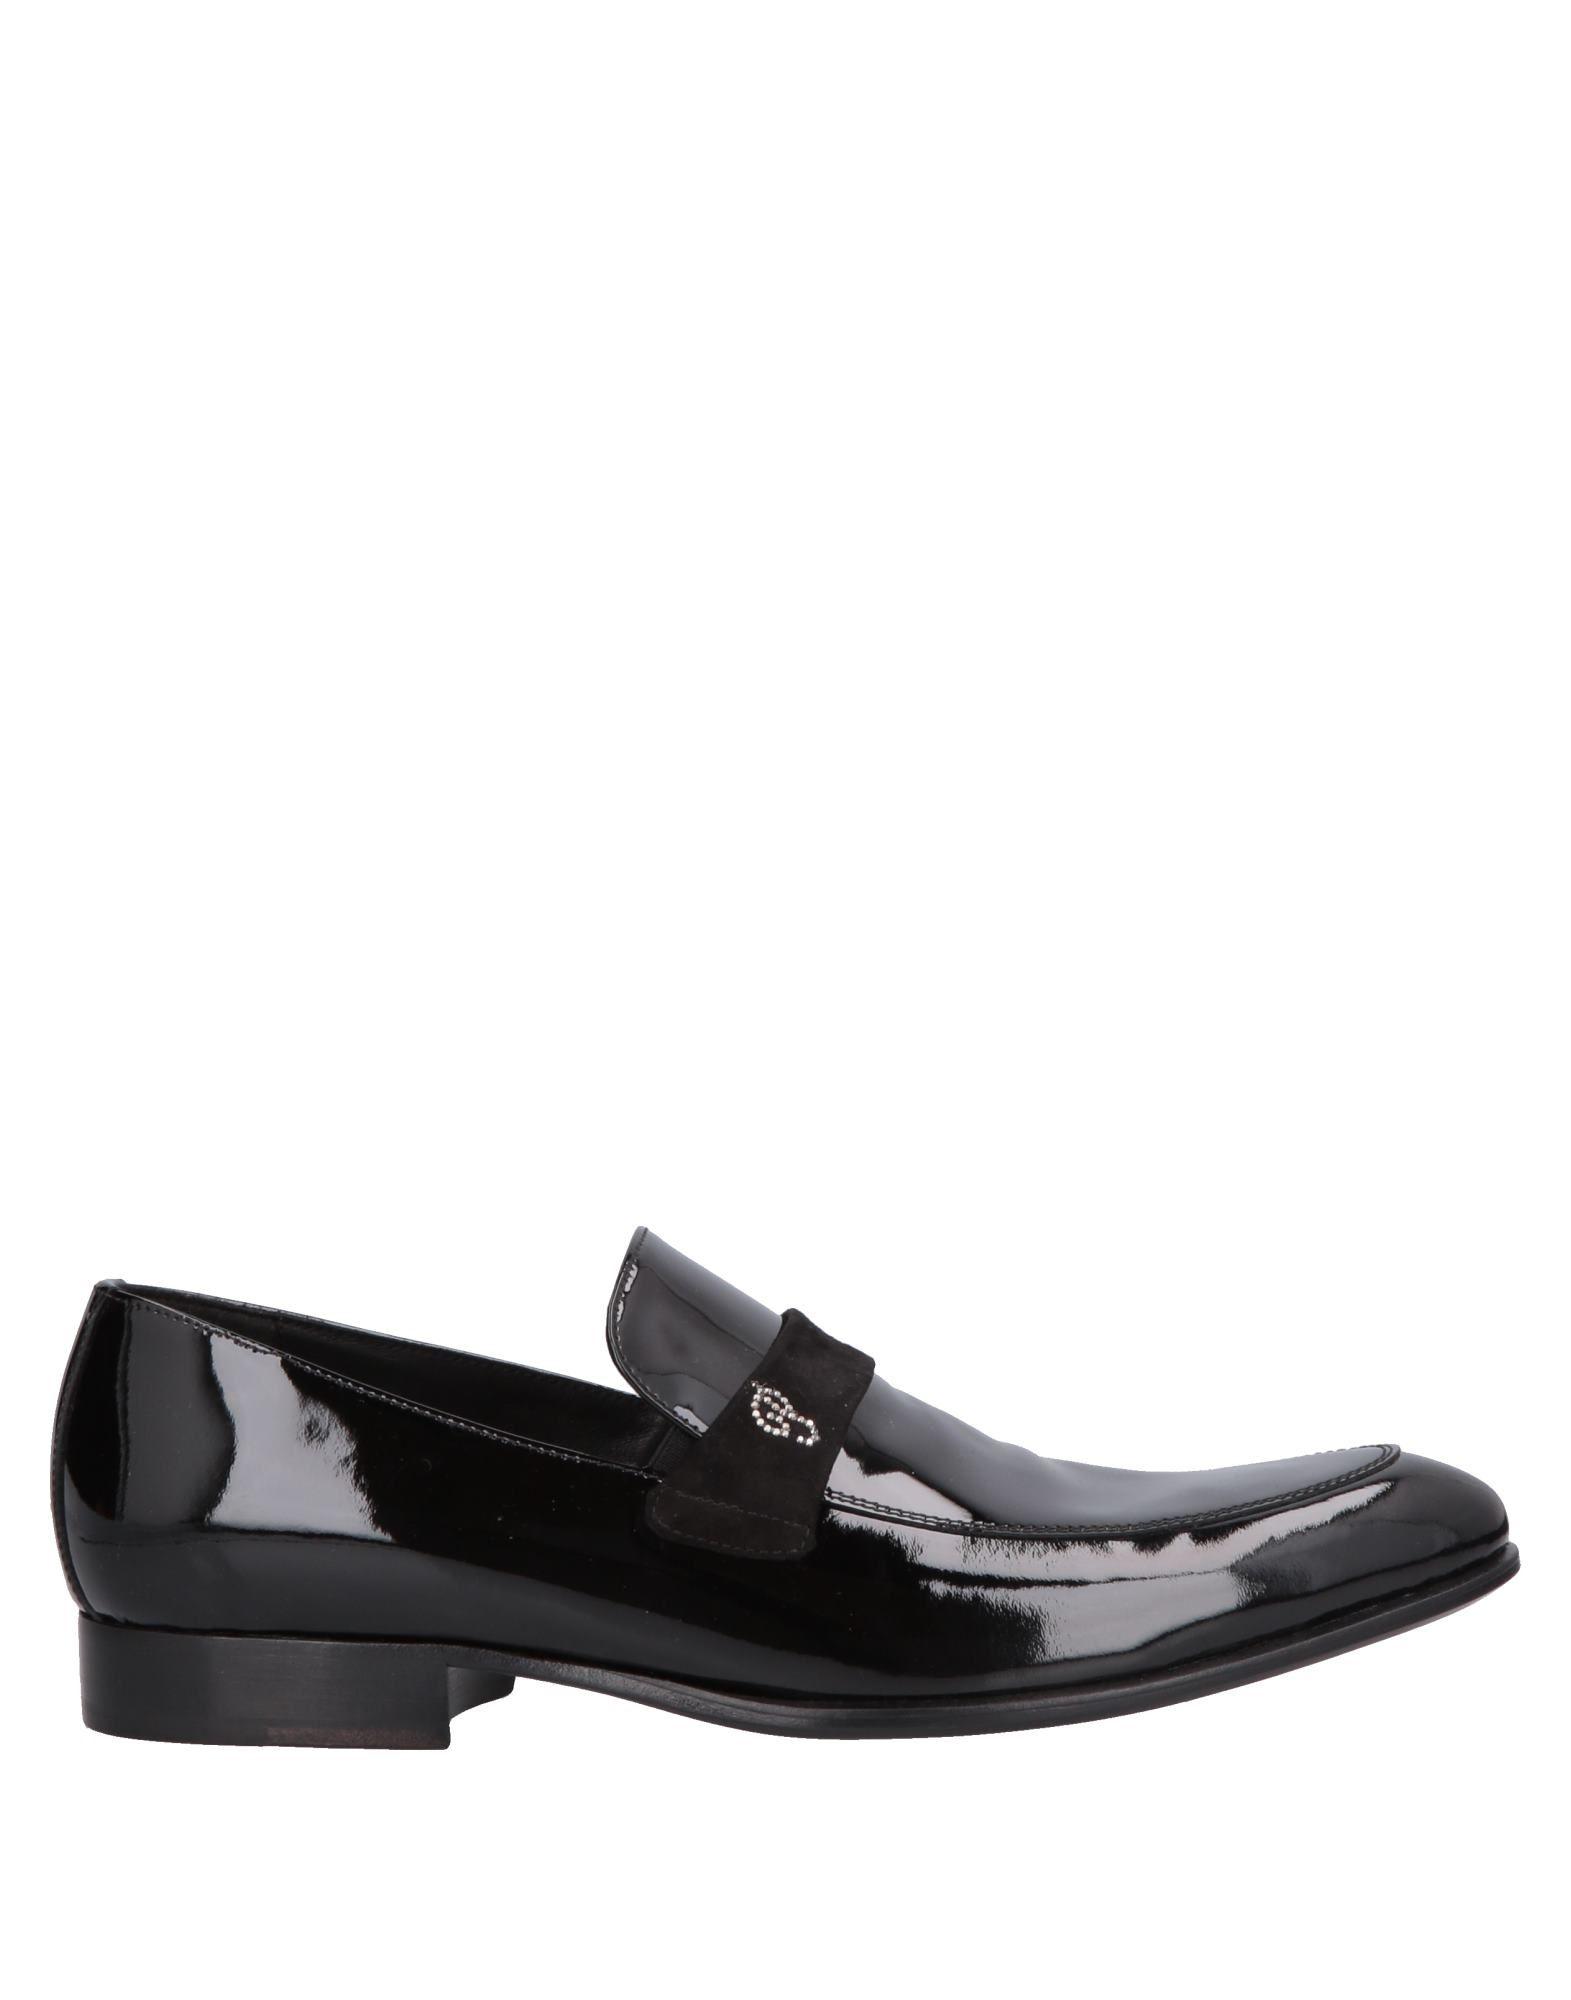 003de4c1c600 Модная брендовая одежда и обувь на любой сезон - все цены на KR-C